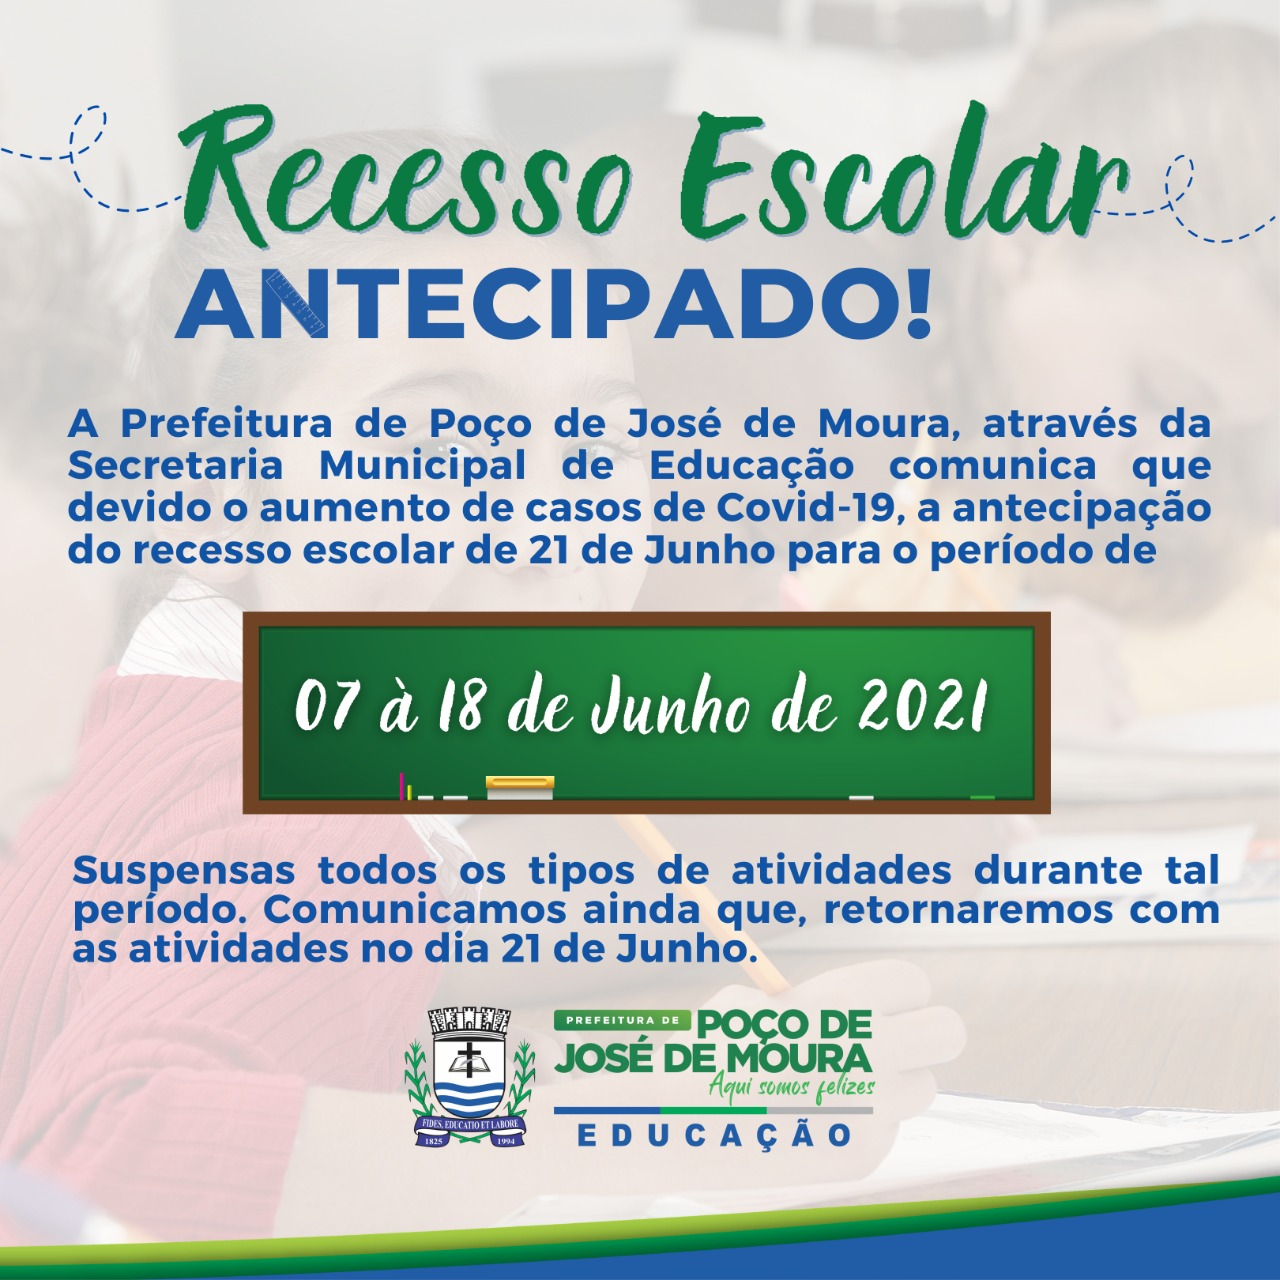 aula2 - Prefeitura de Poço José de Moura antecipa recesso escolar na rede municipal de educação